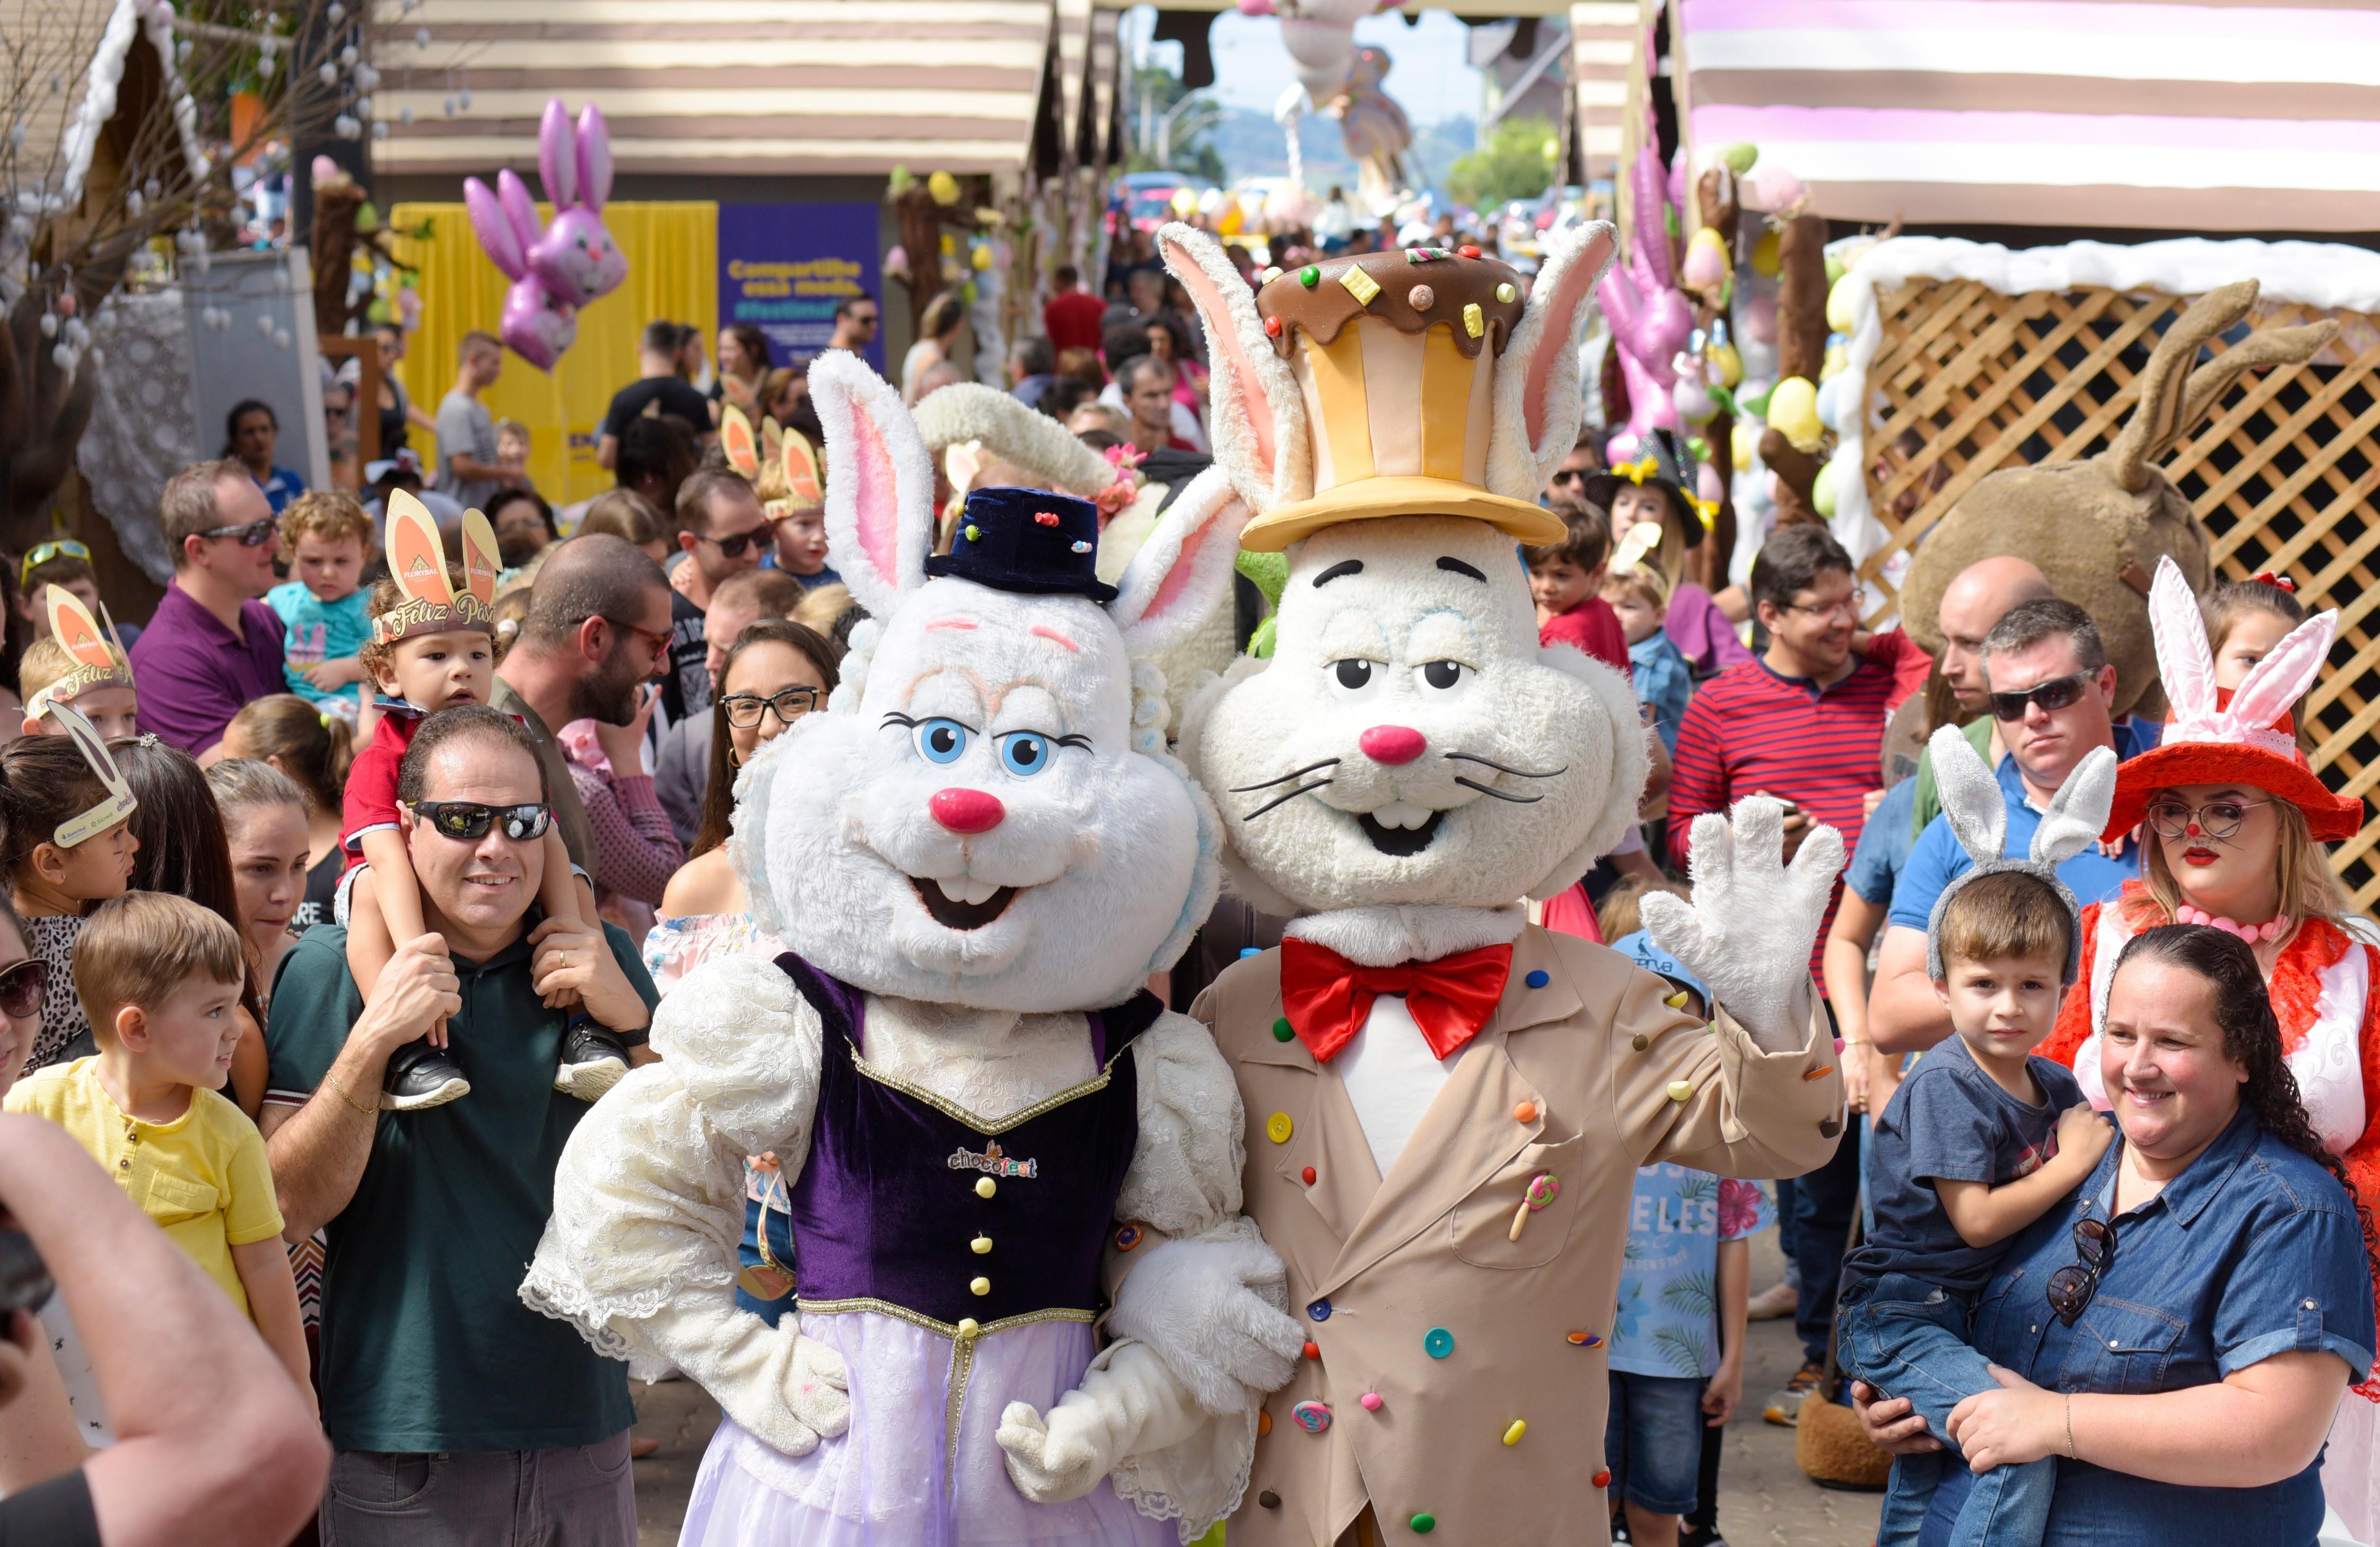 Foto Chocofest na Magia da Páscoa acontece de 02 a 12 de abril em Nova Petrópolis